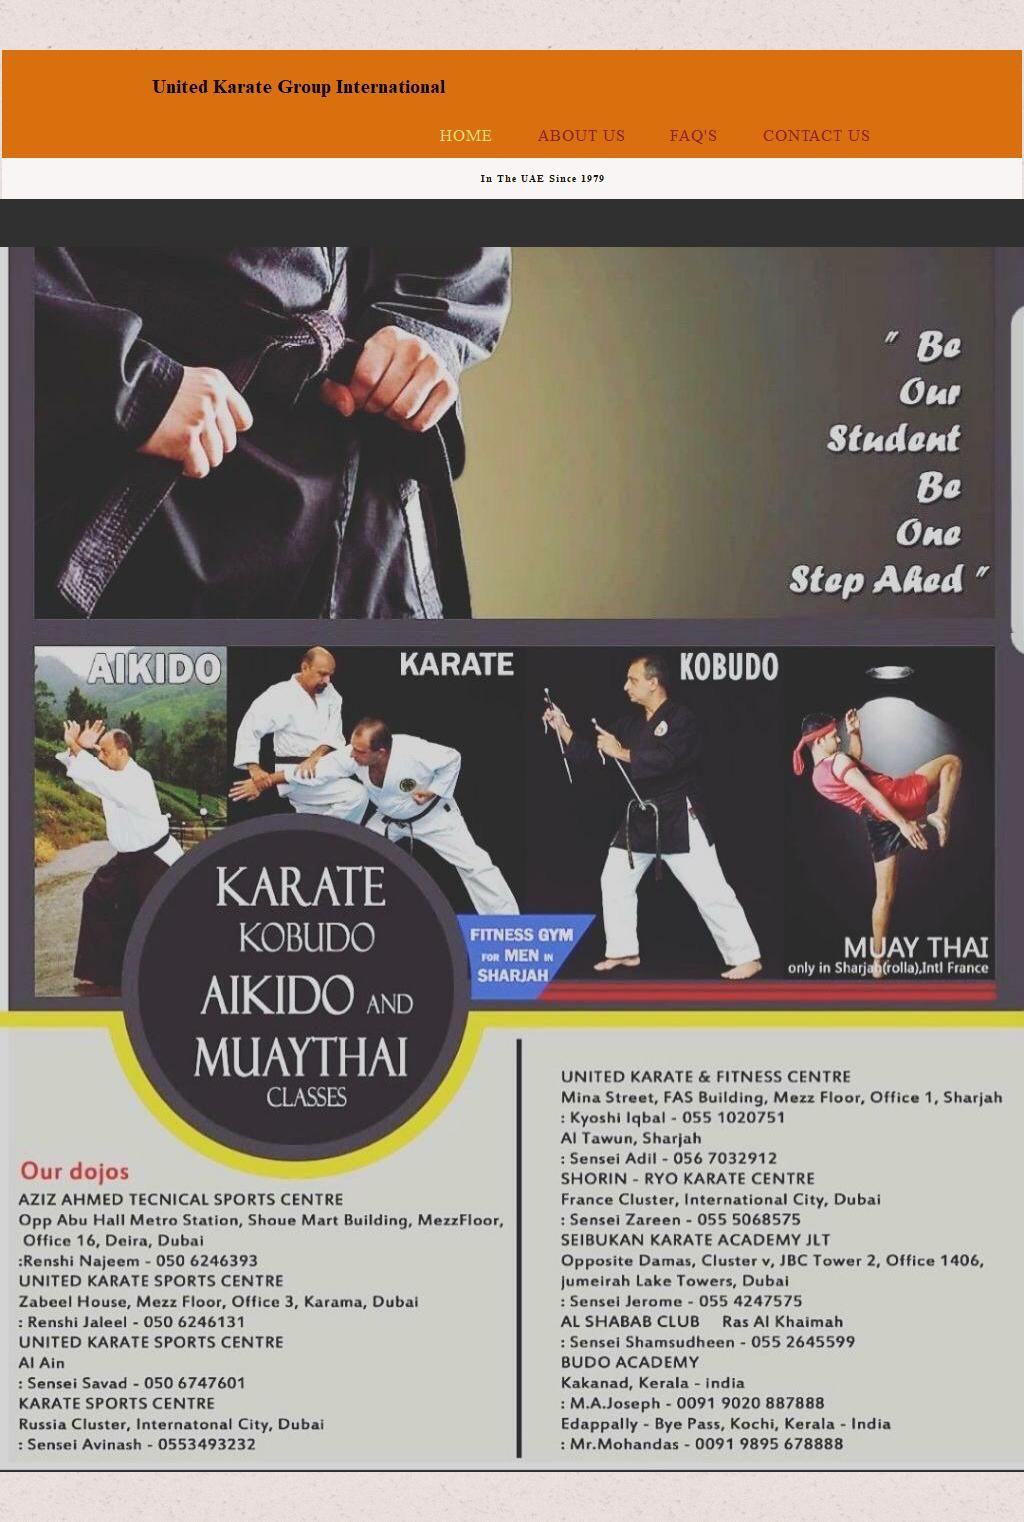 Seibukan Karate Academy Jlt Jumeirah Business Centre Tower